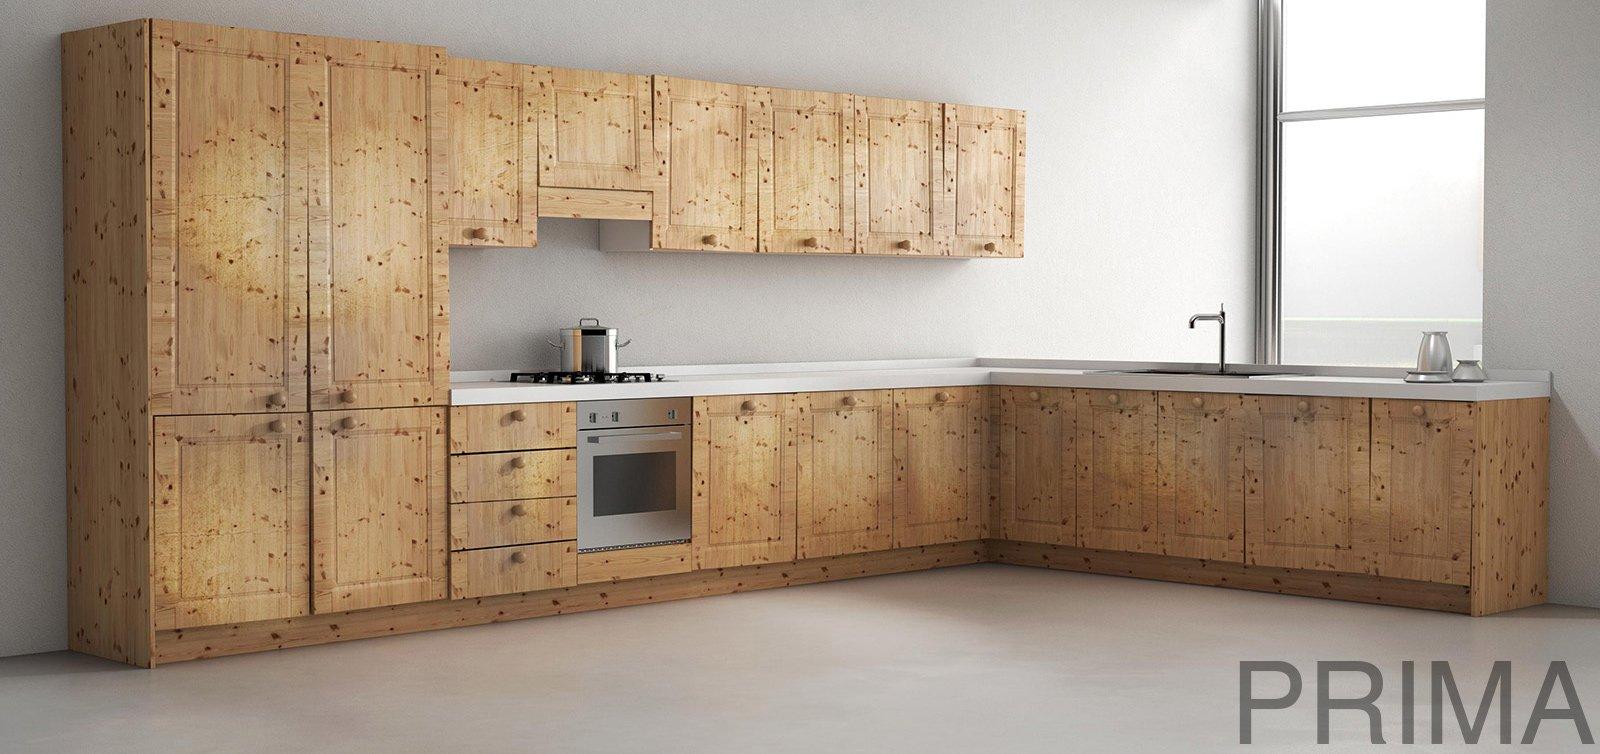 Cucina la rinnovo cambiando solo le ante cose di casa - Mobili per cucine in muratura fai da te ...